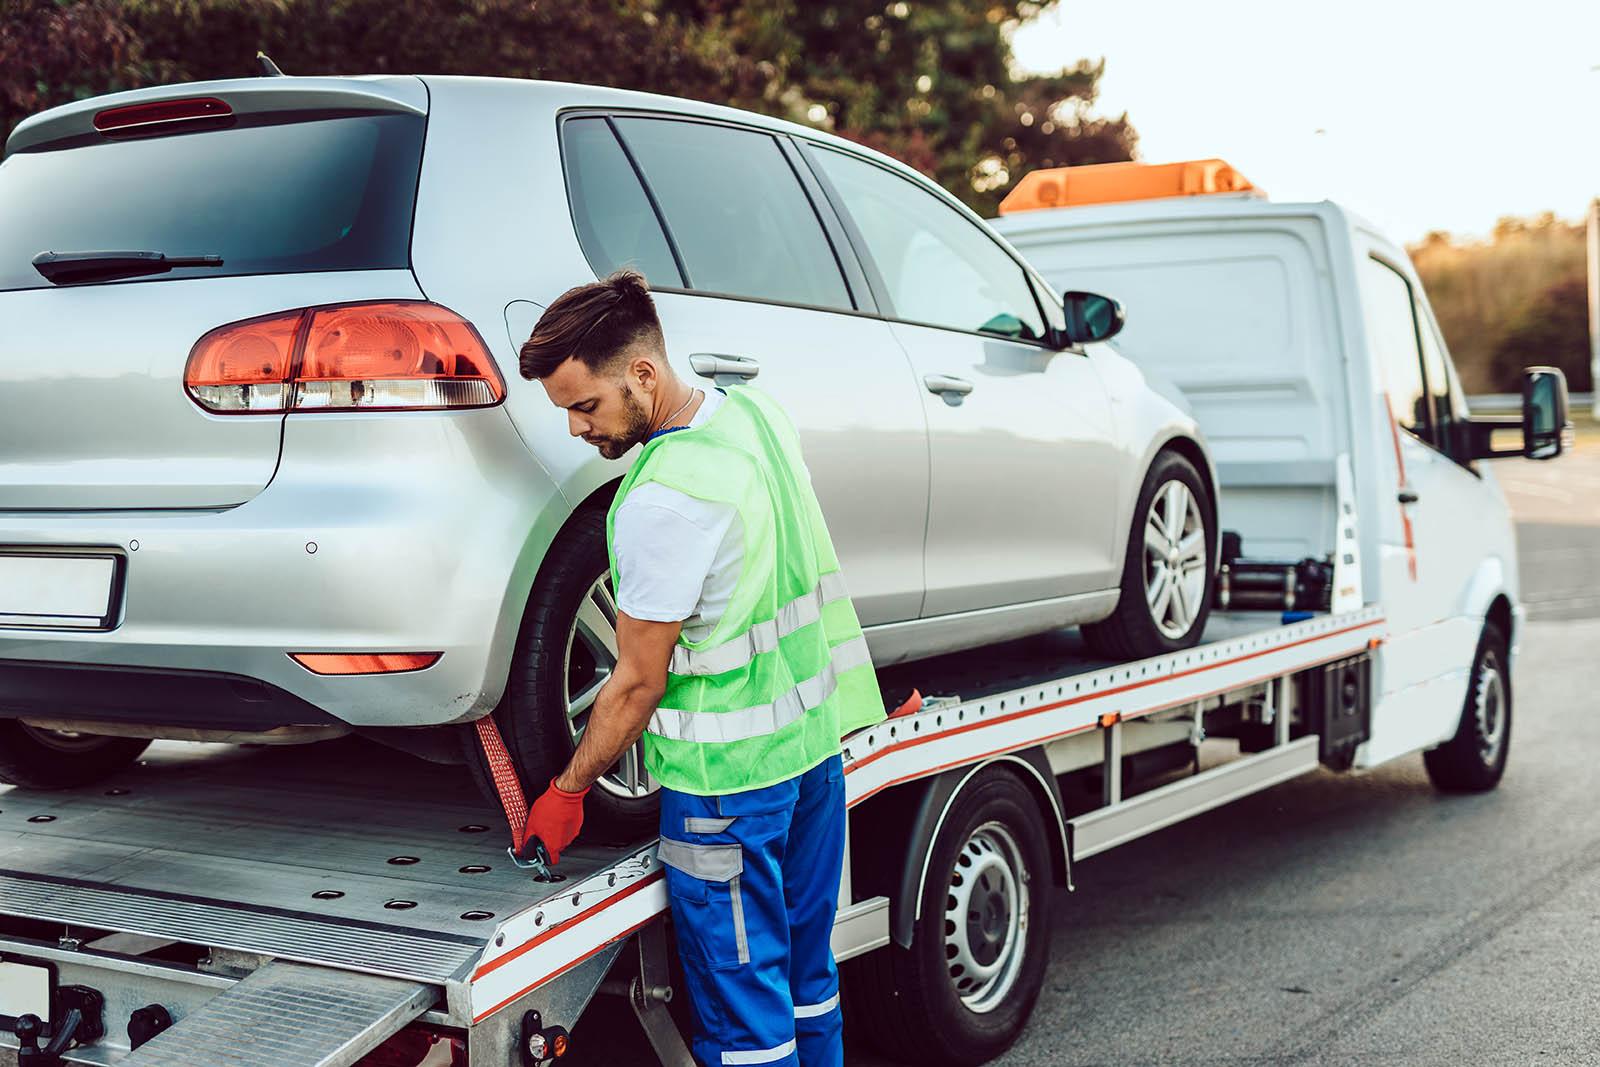 Bilskrot i Enköping, med alla certifikat och auktorisering. Kontakta oss på vår bilskrot i Enköping.